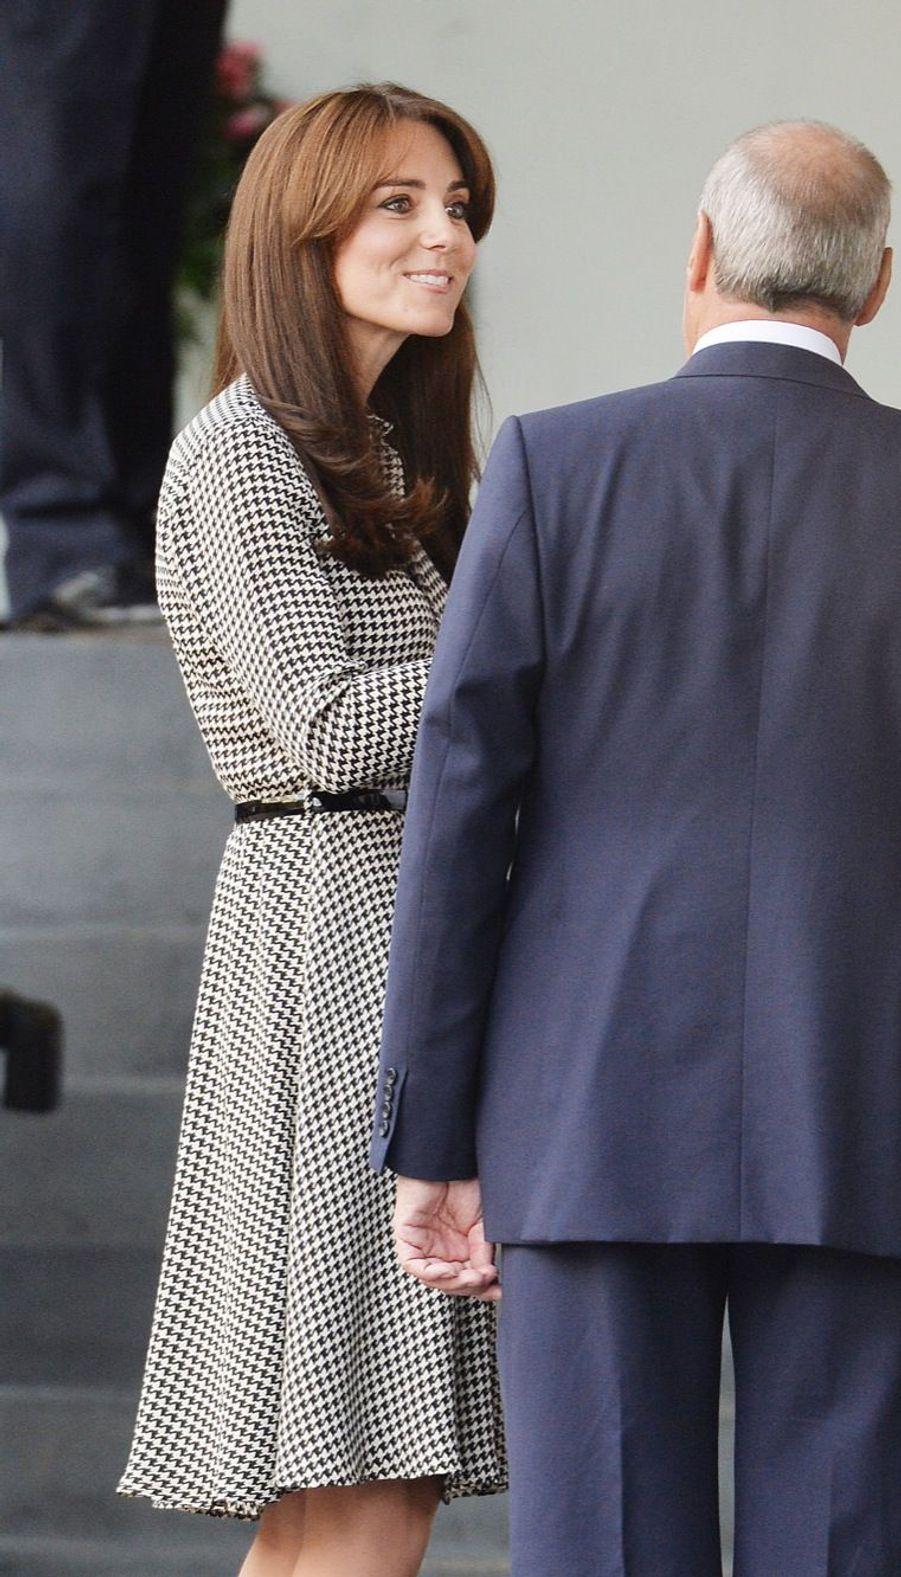 La duchesse de Cambridge, née Kate Middleton, a visité le Anna Freud Centre de Londres, ce jeudi 17 septembre